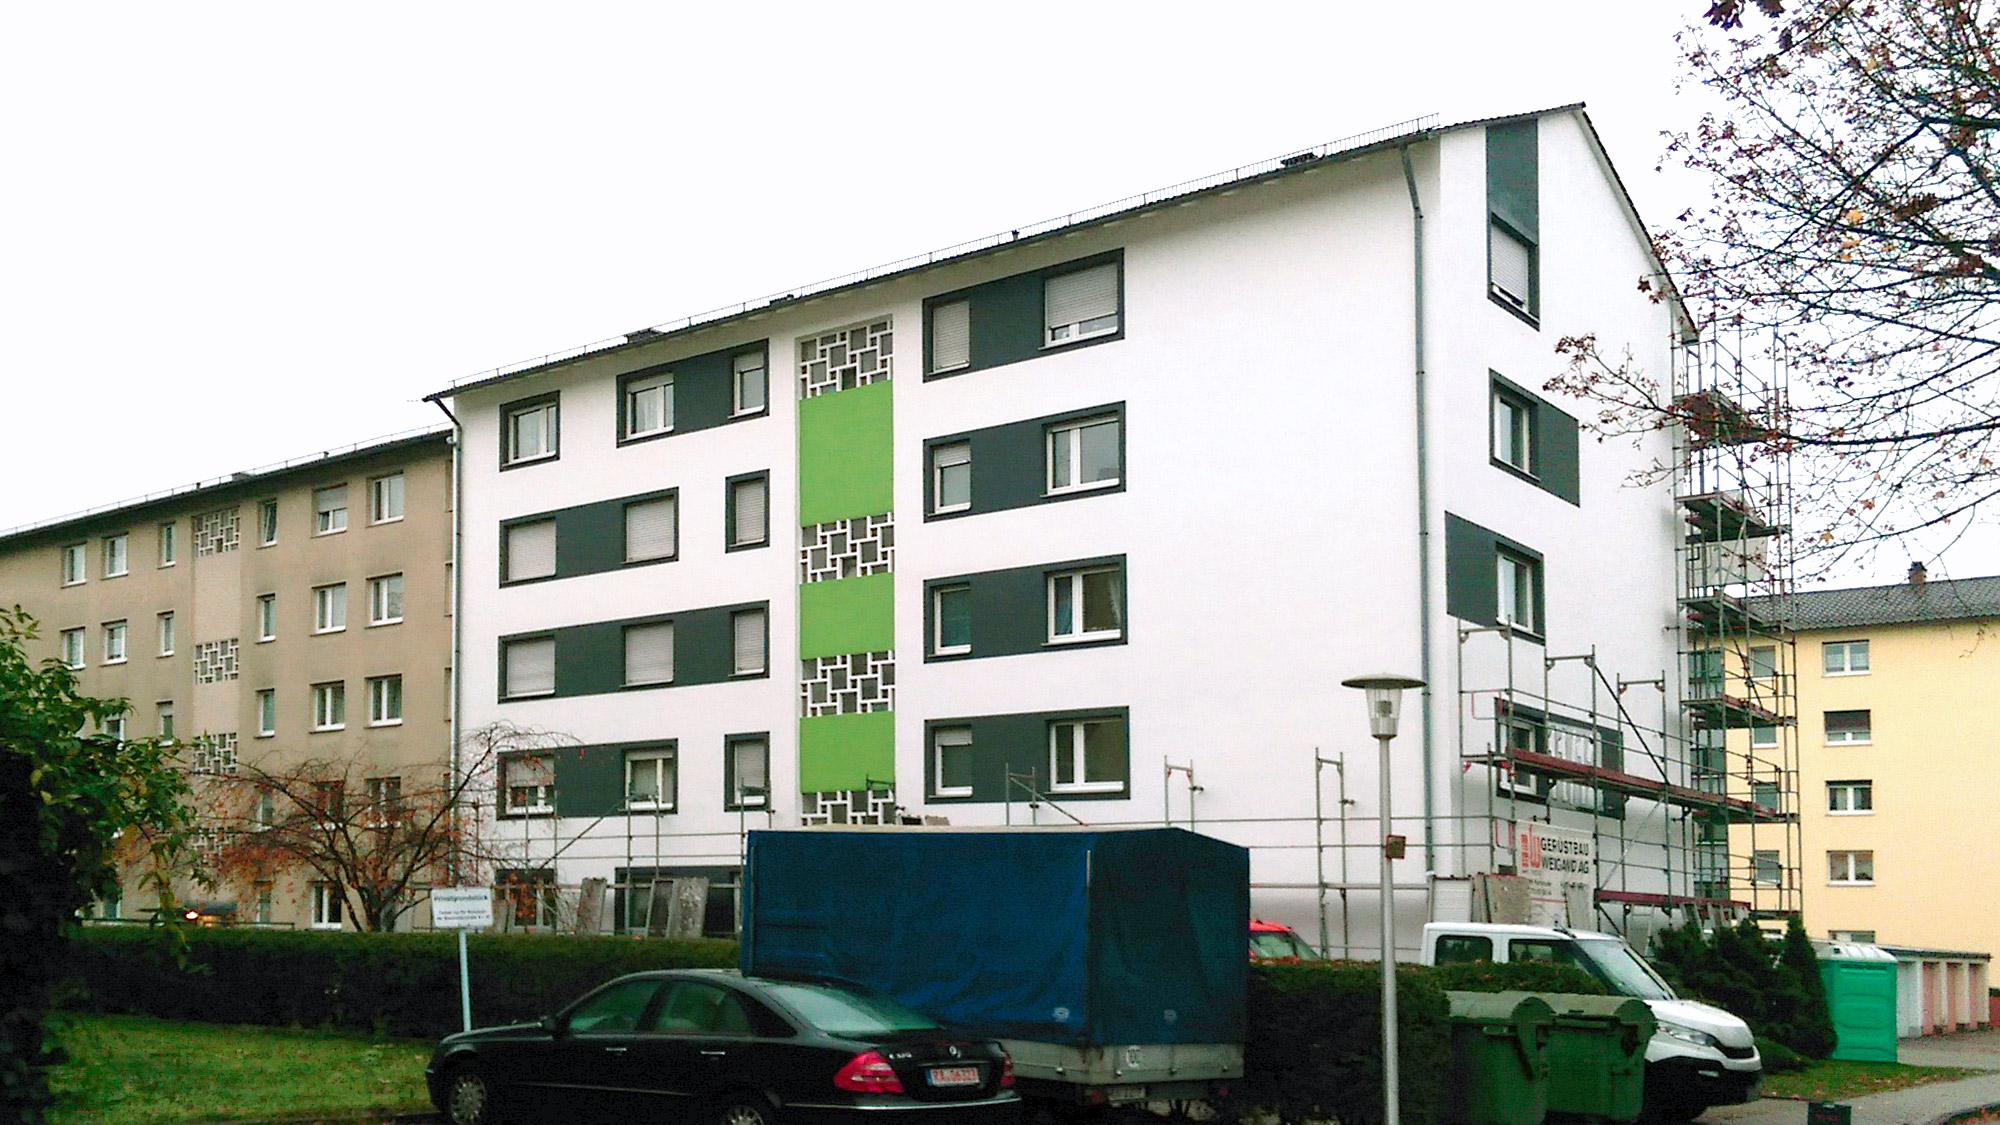 Wohnen an derMurg Rastatt Bauträger Baumeisterstraße 2